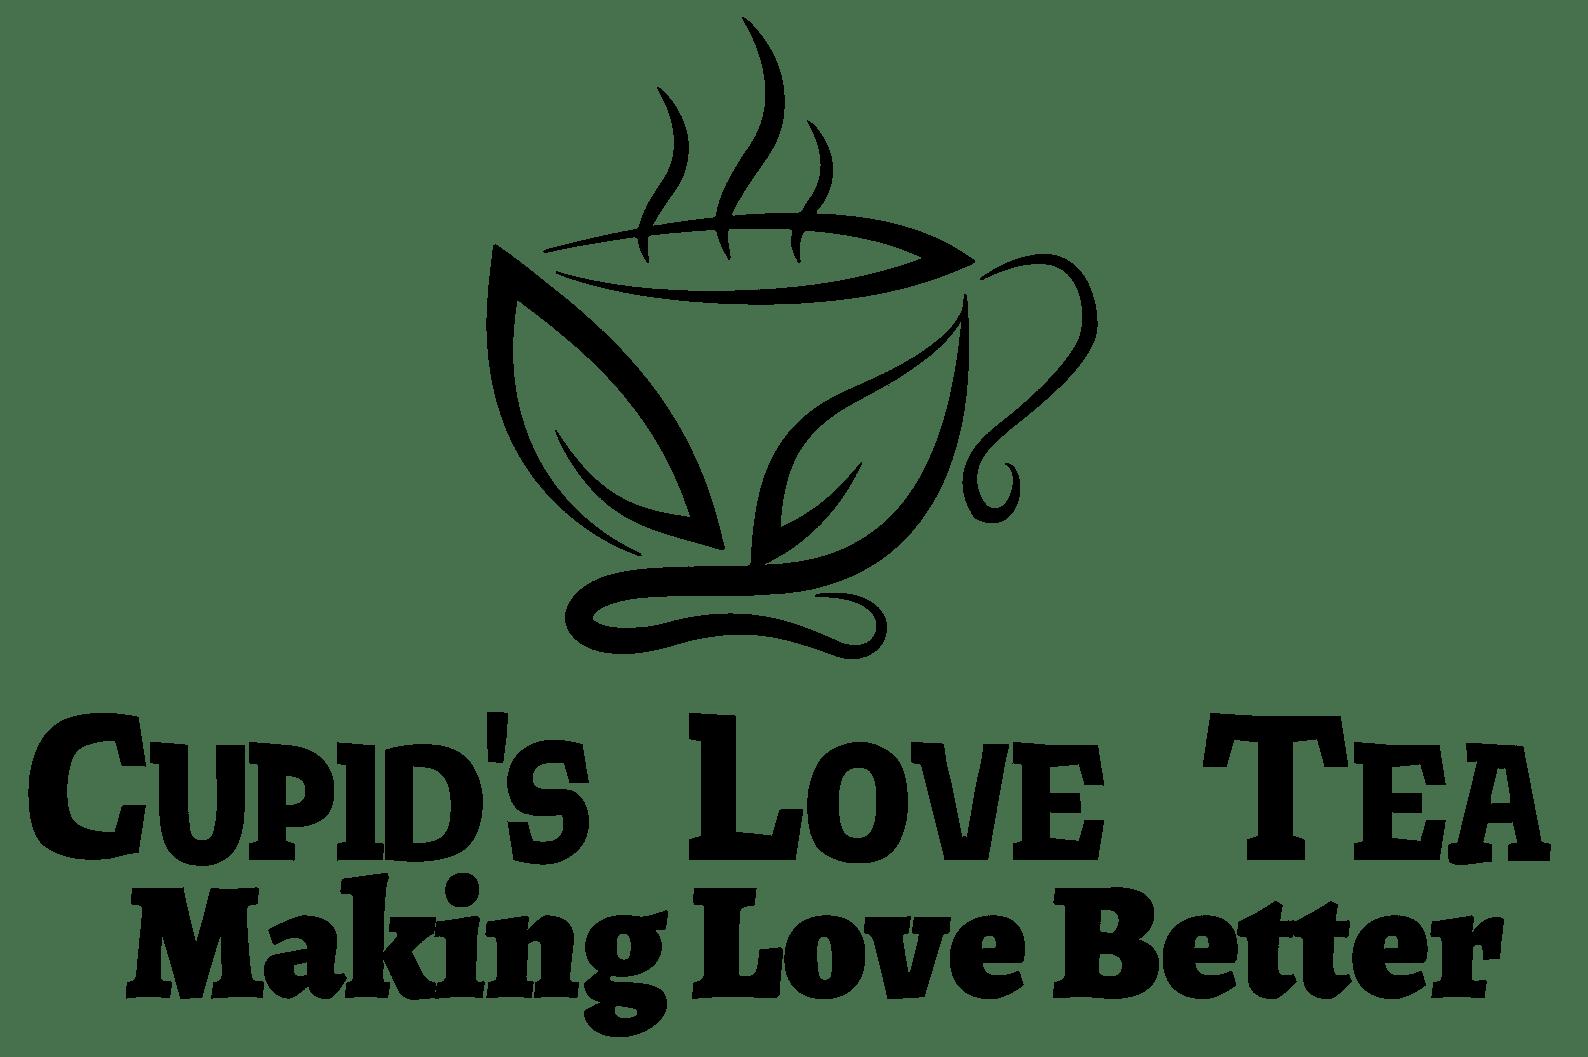 Cupid's Love Tea